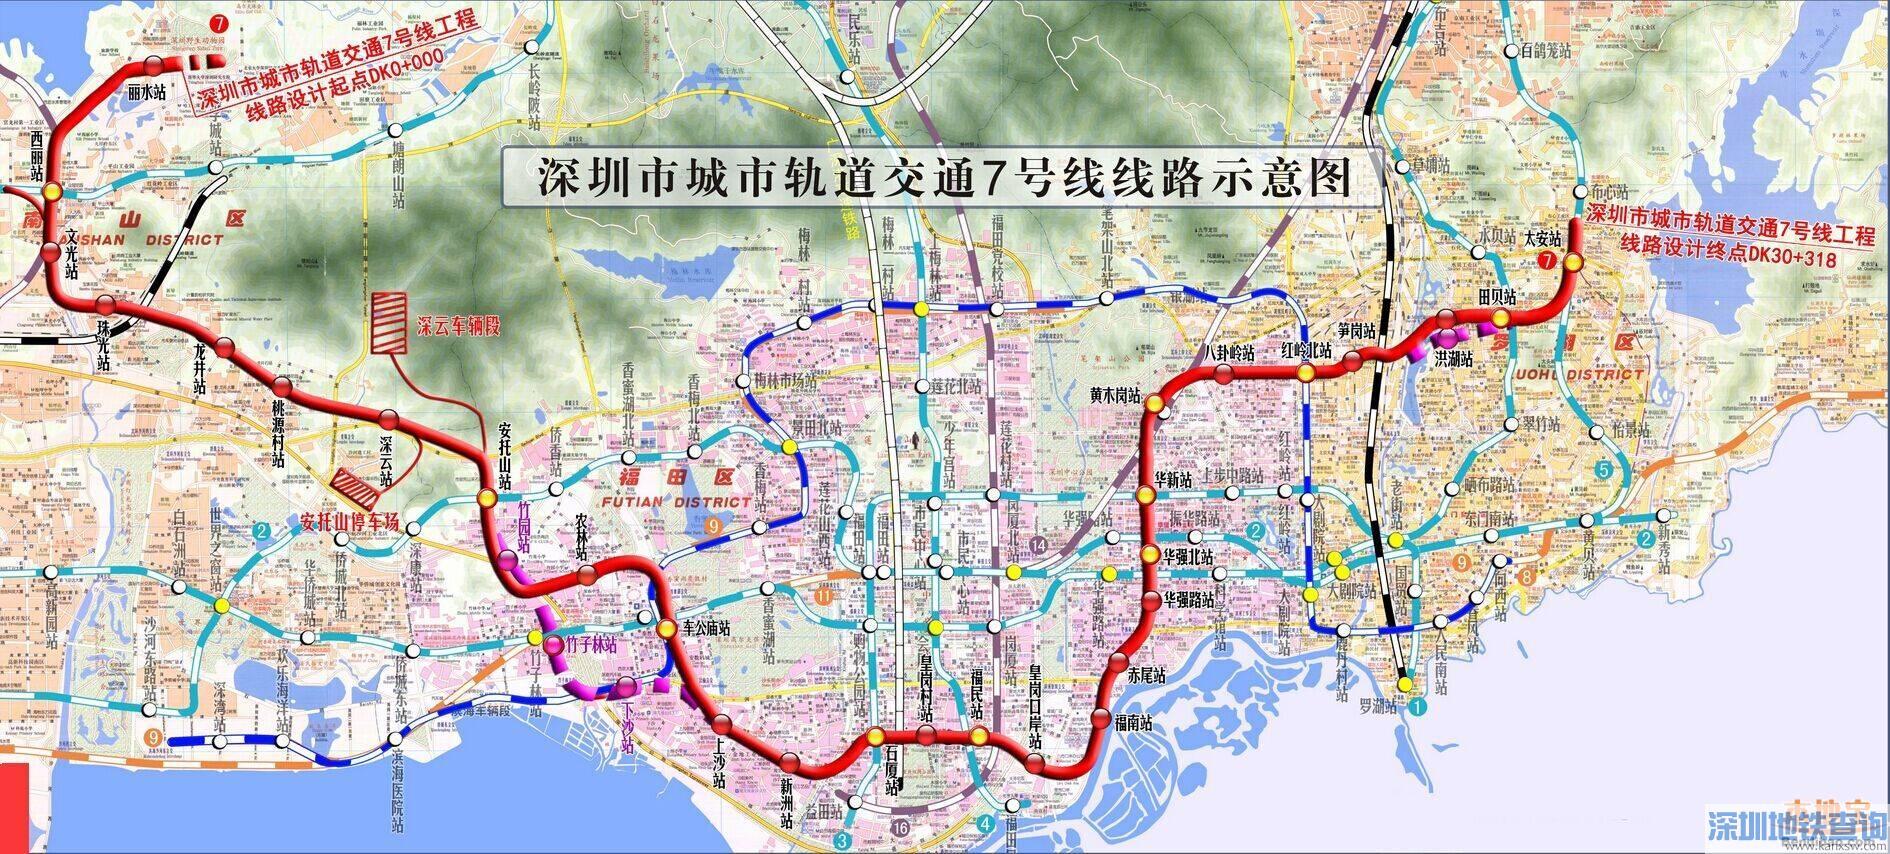 深圳地铁7号线线路图 深圳地铁七号线线路图